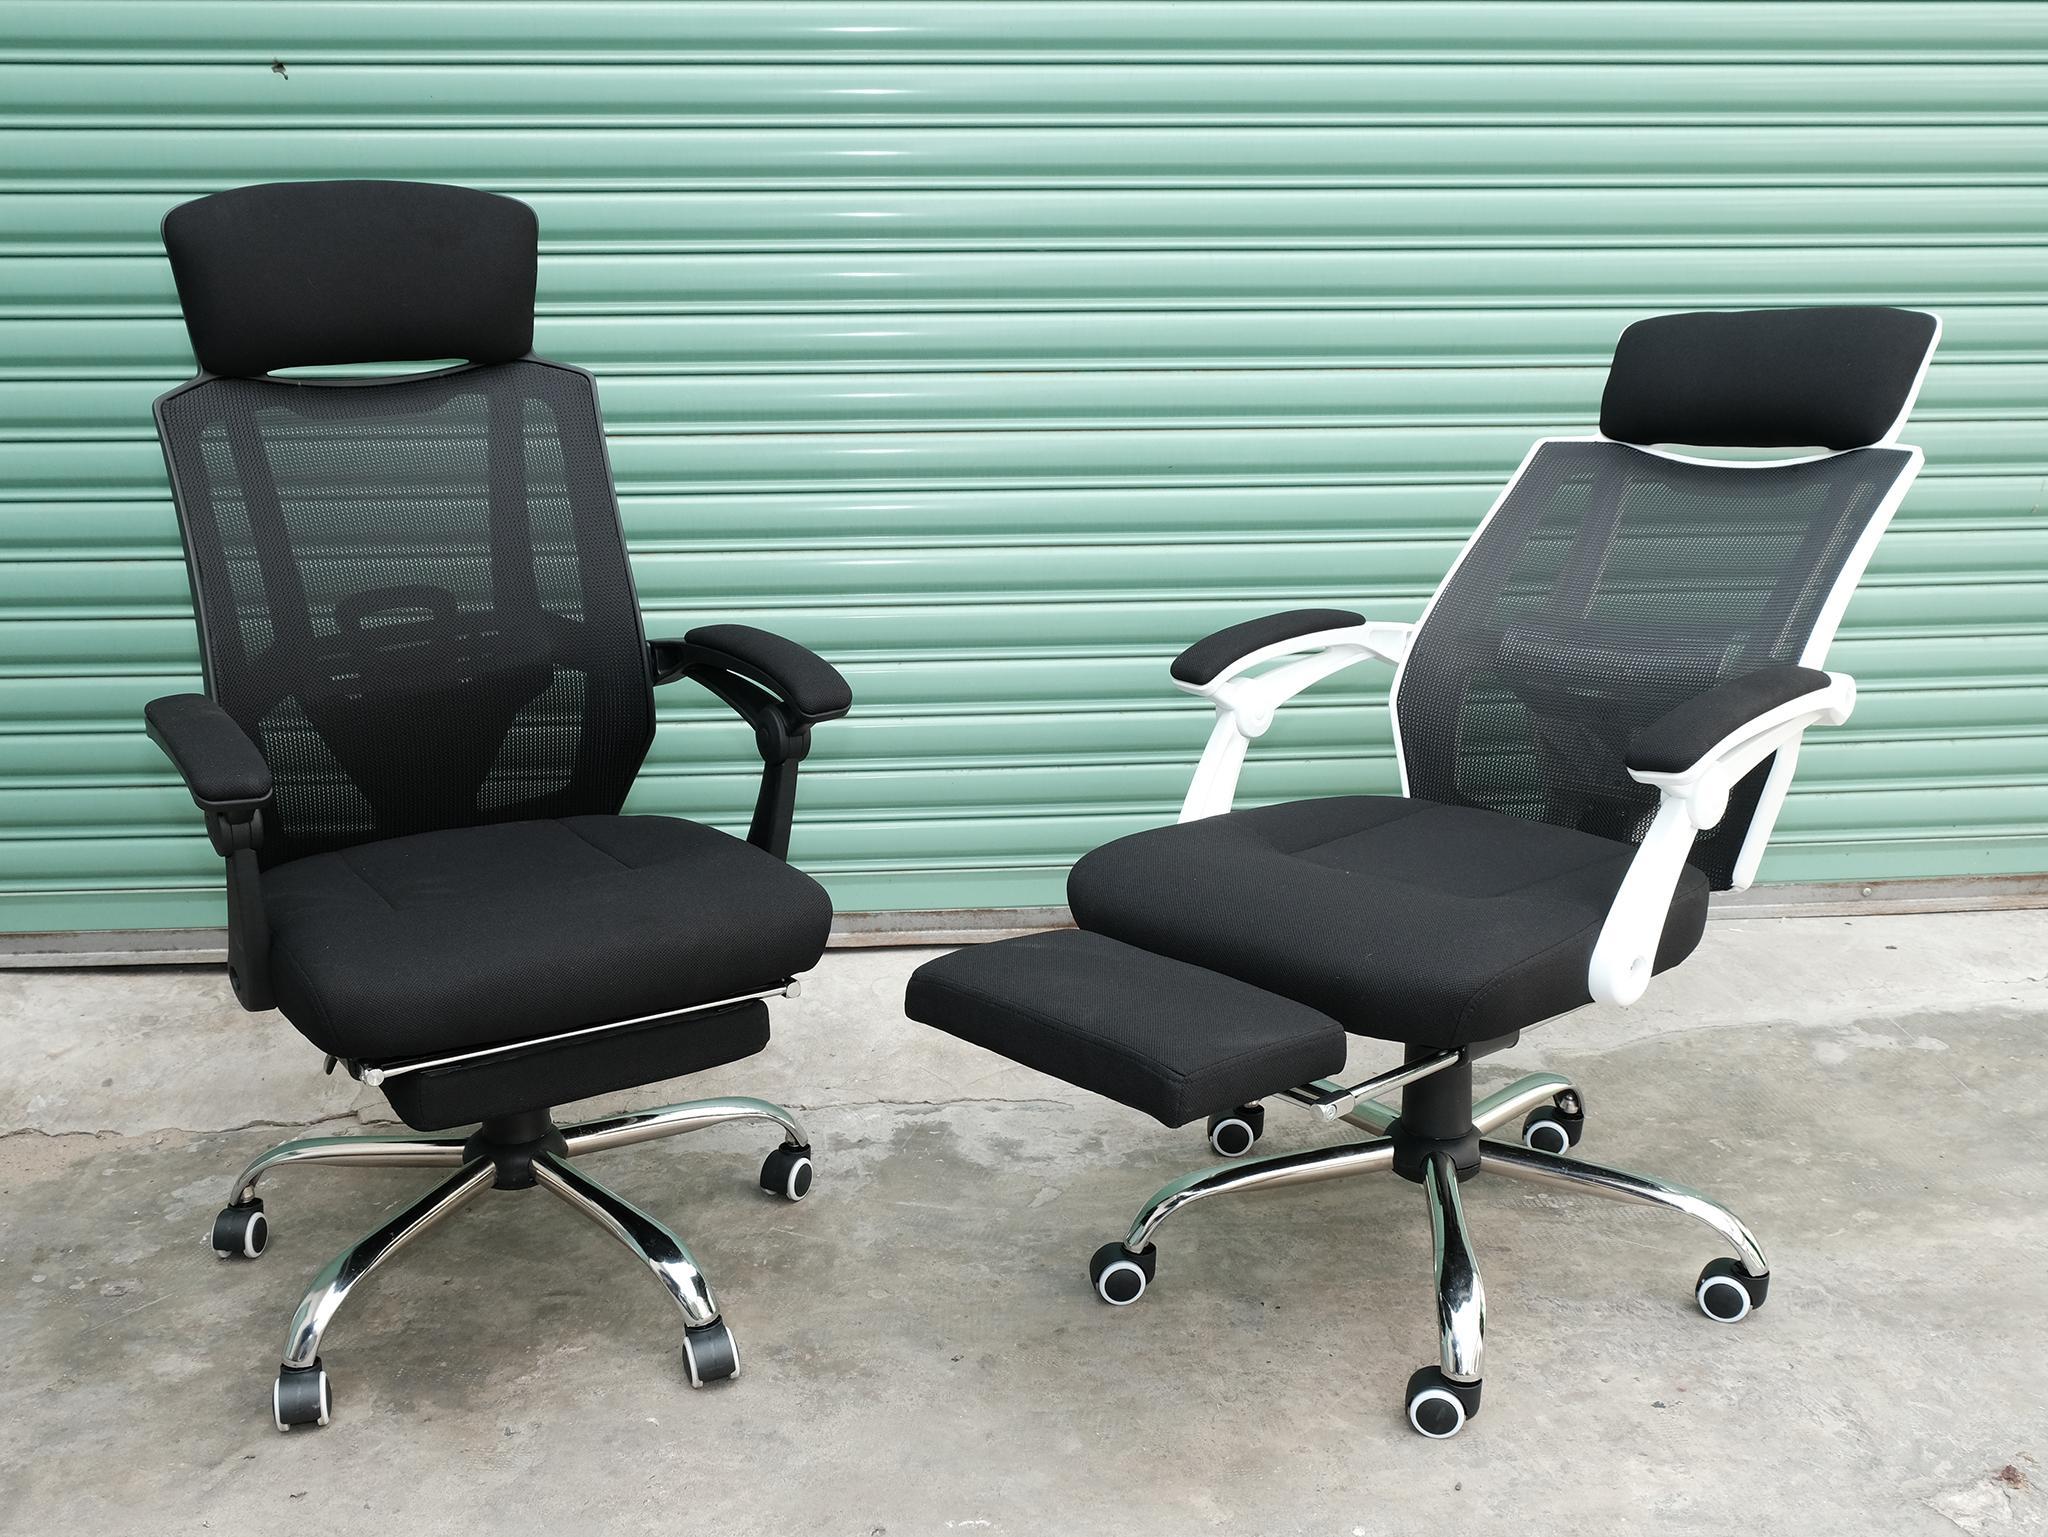 5 mẫu ghế ngả Hoà Phát dành cho giám đốc